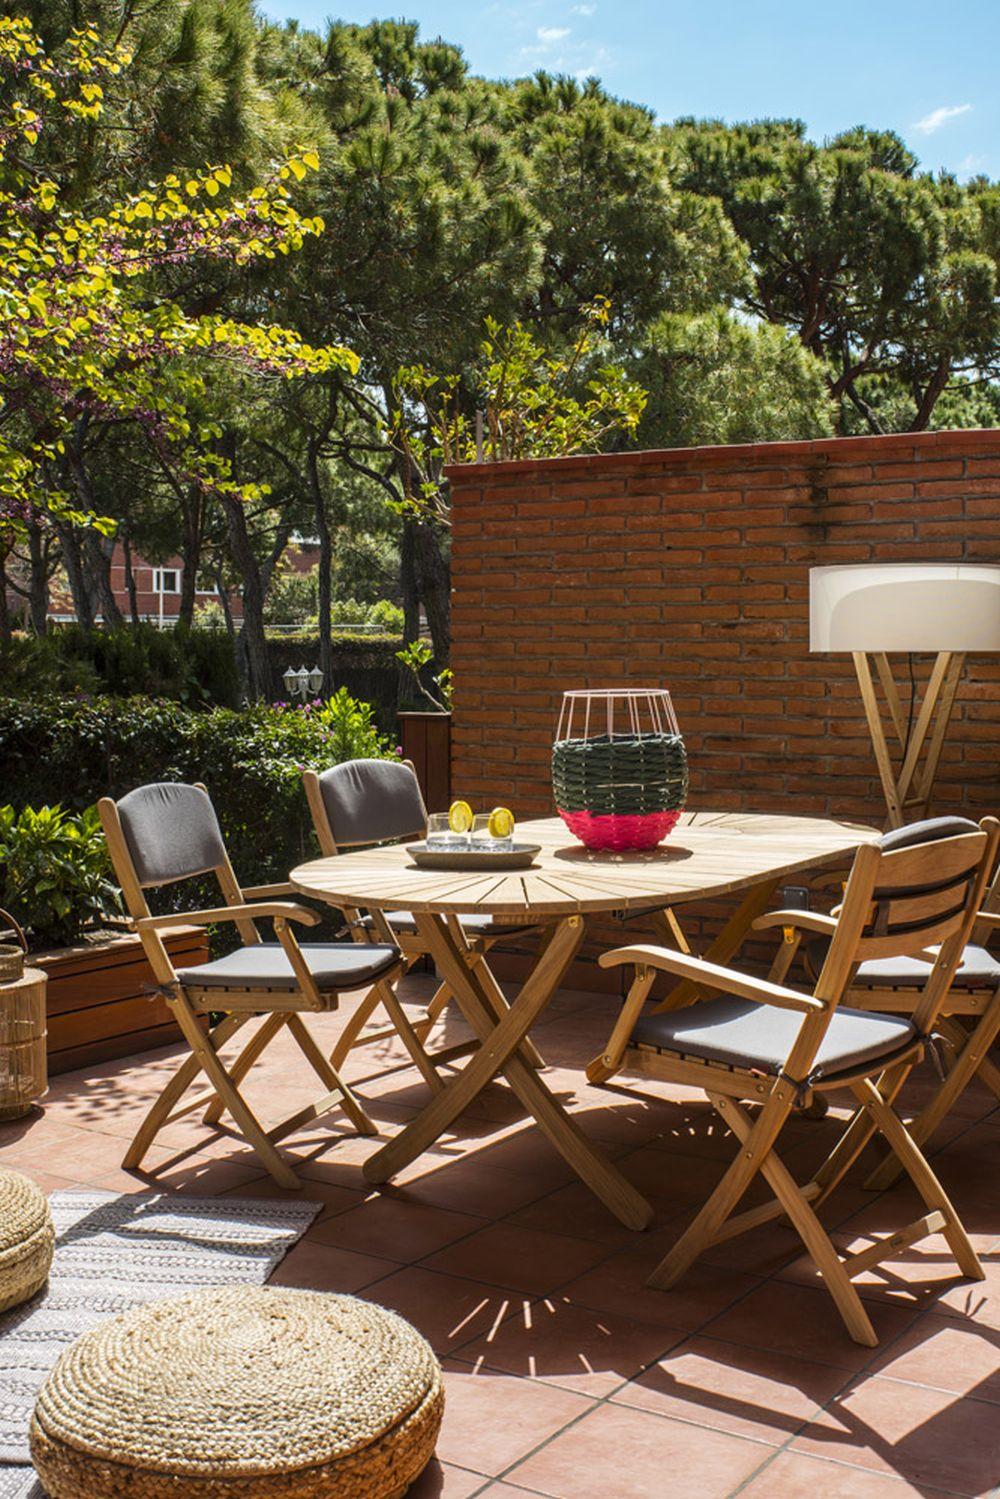 adelaparvu-com-despre-casa-in-stil-mediteranean-barcelona-designer-meritxell-ribe-9